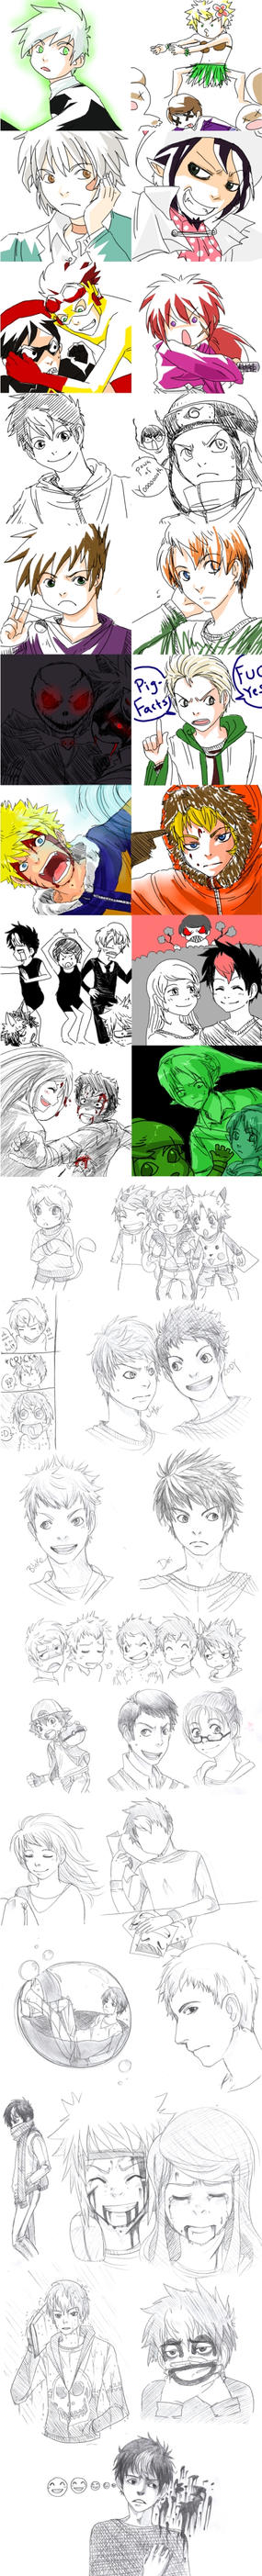 Sketch Dump IV by AmukaUroy